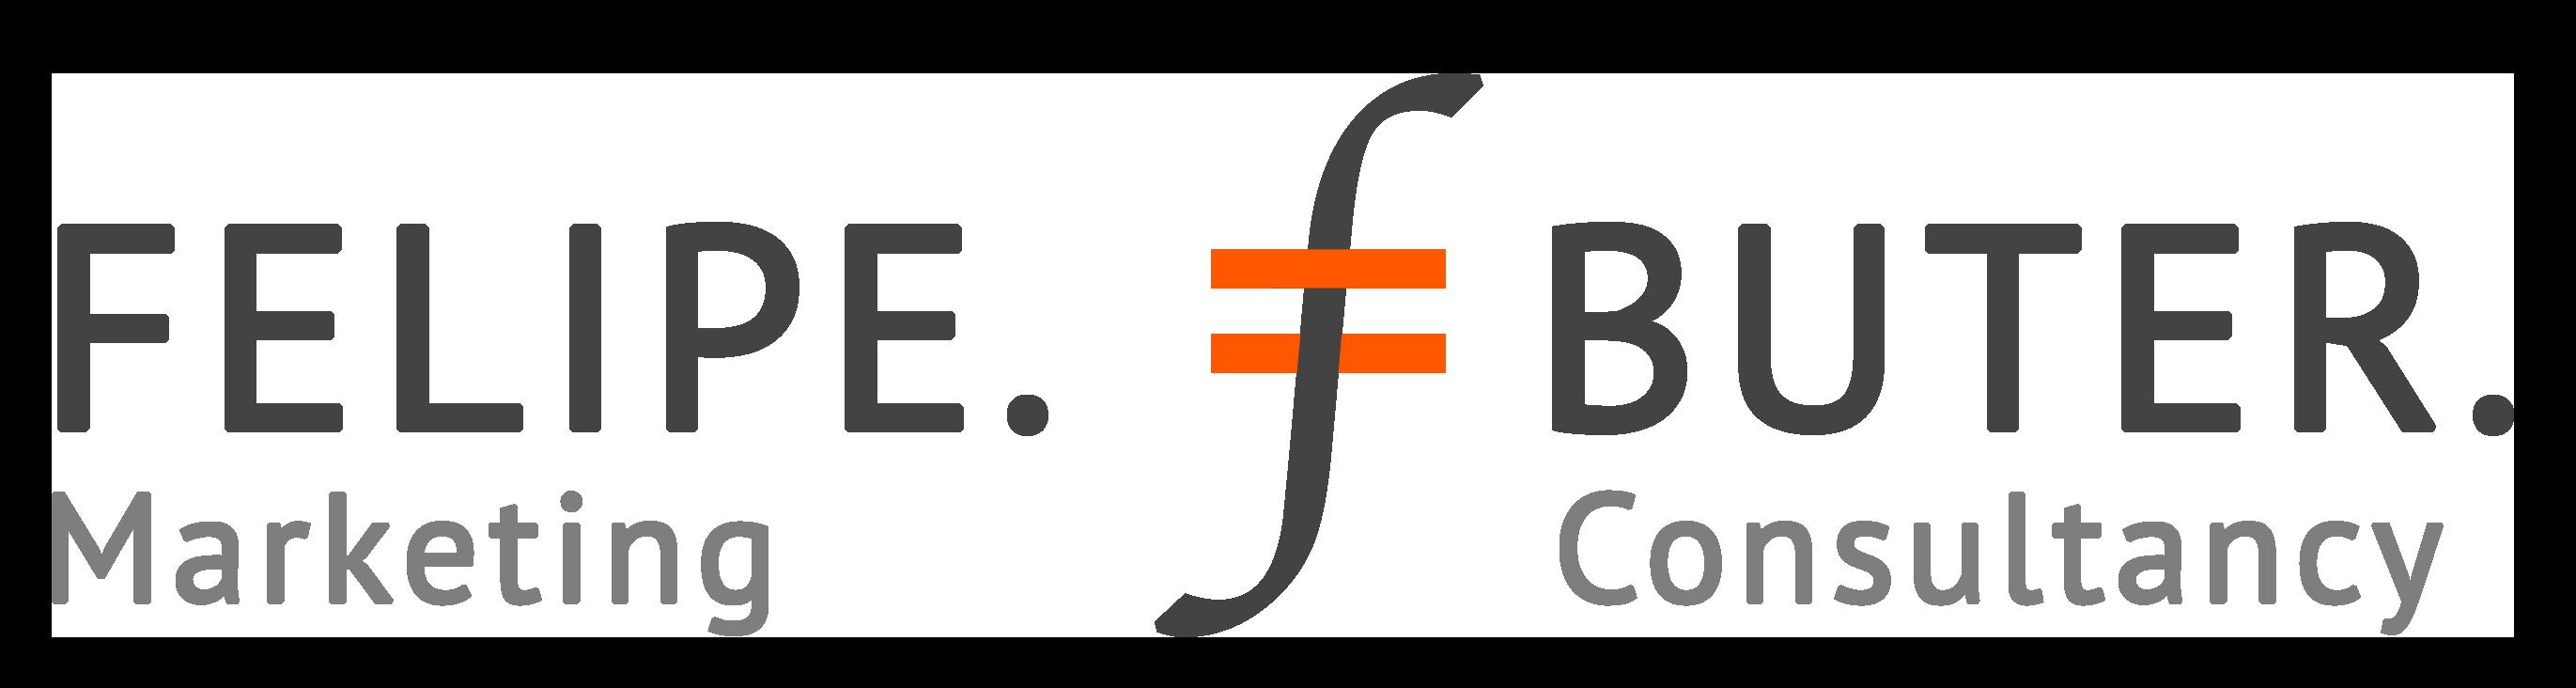 FelipeButer